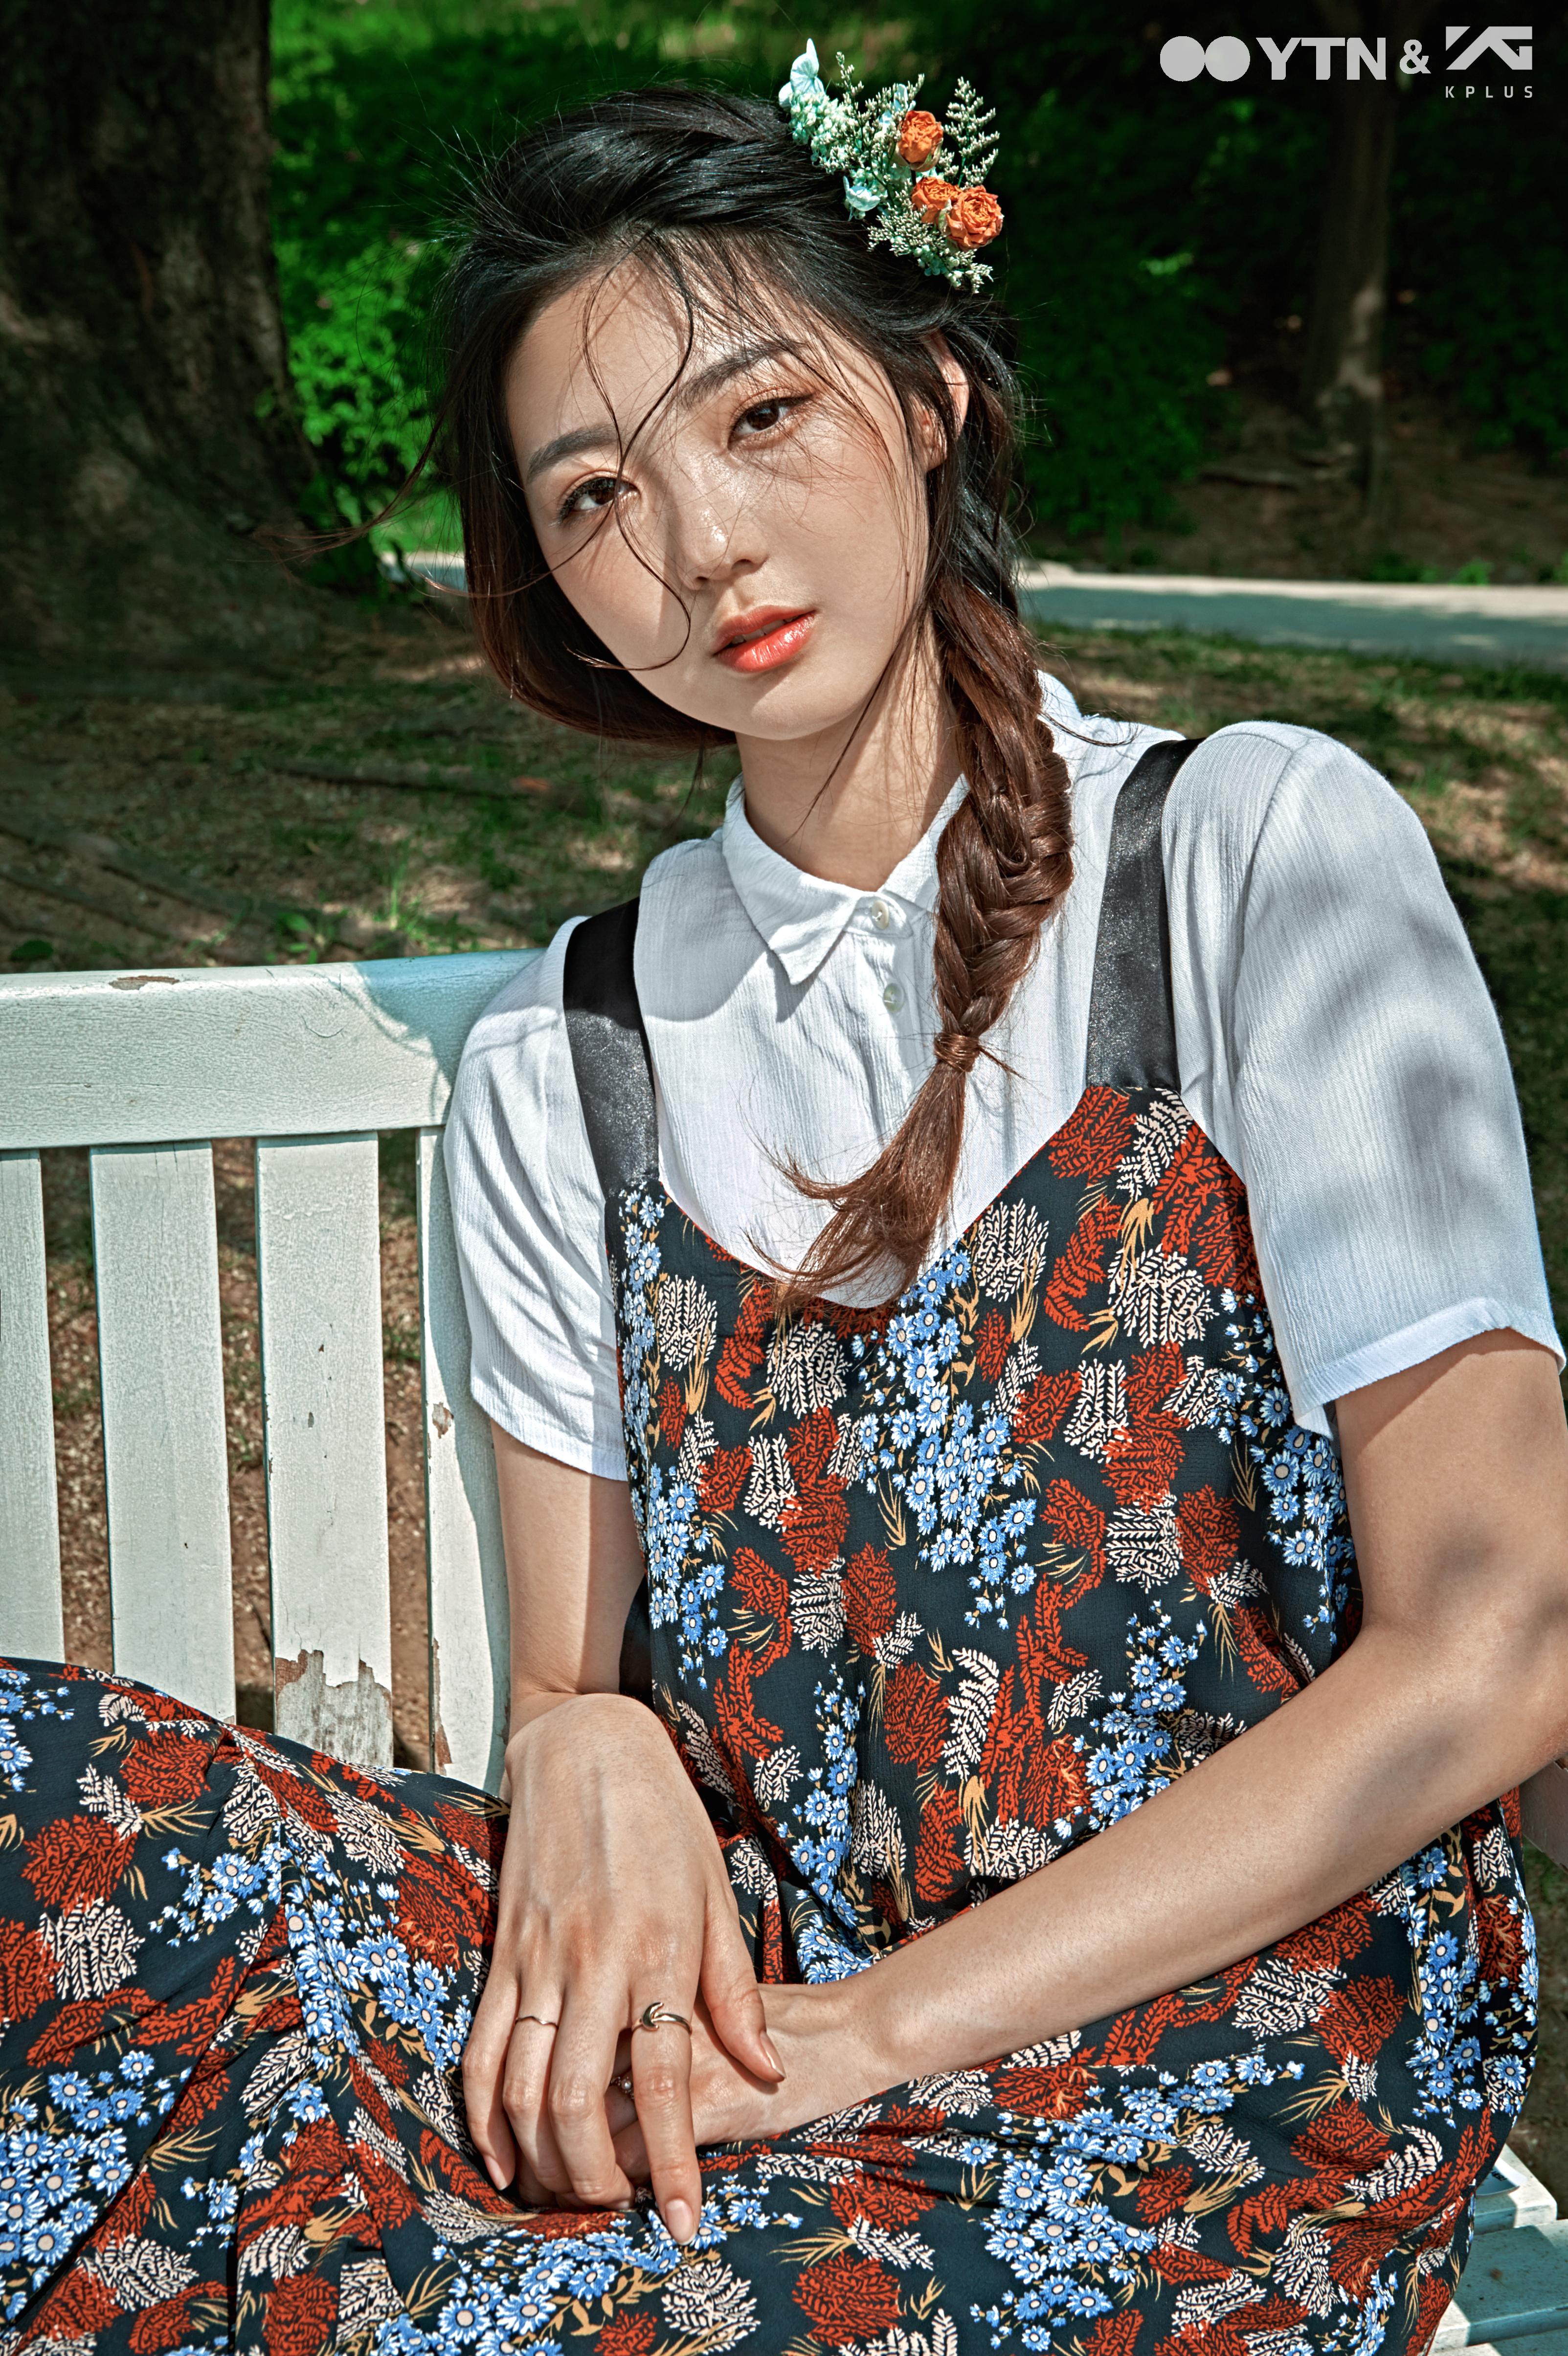 모델 조예림의 애정템 '뷔스티에 드레스' 스타일링!